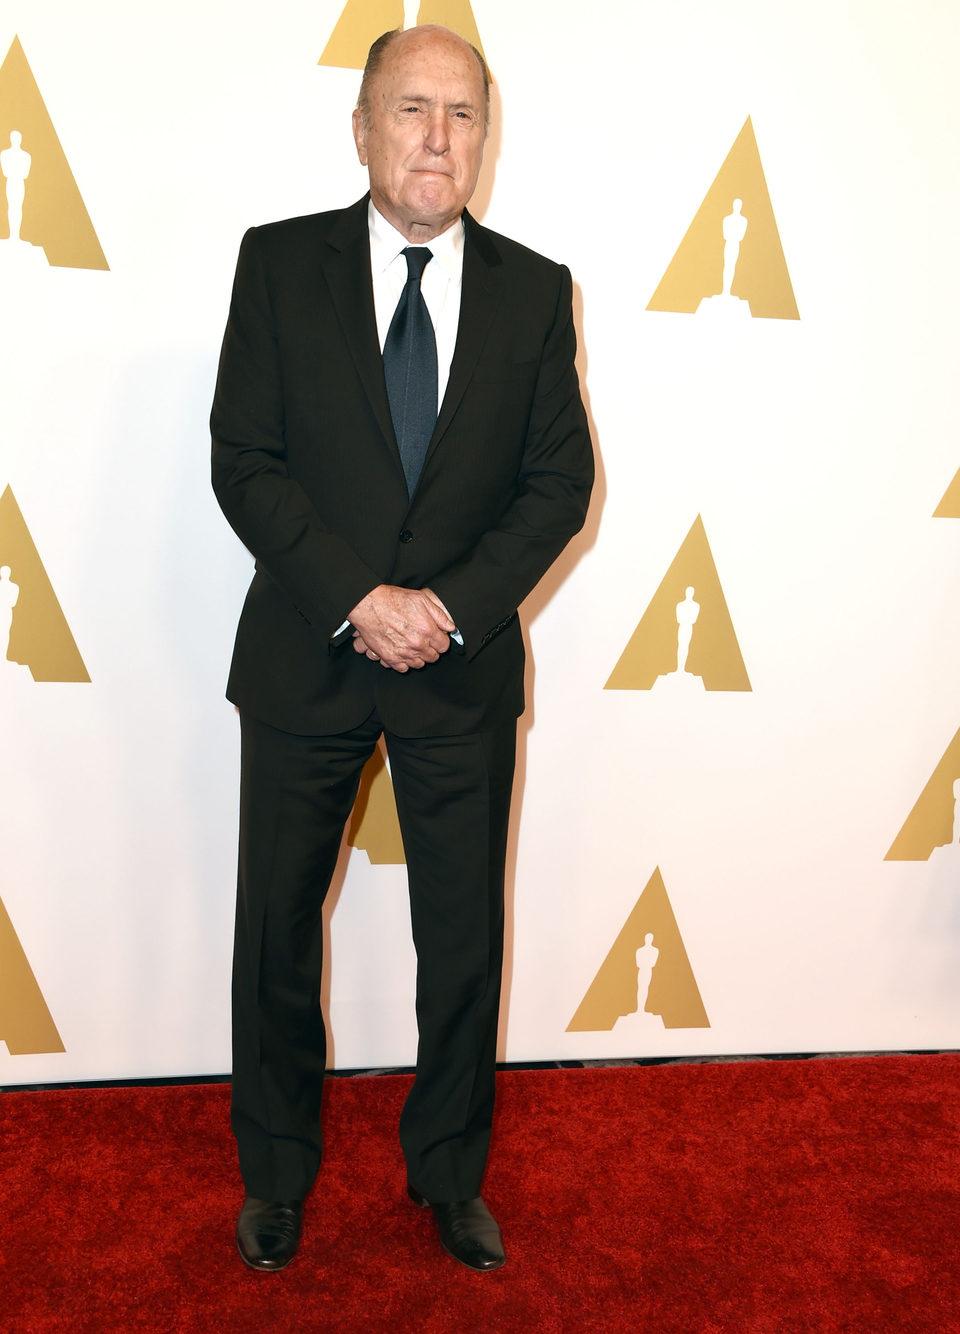 Robert Duvall en el almuerzo de los nominados a los Oscar 2015